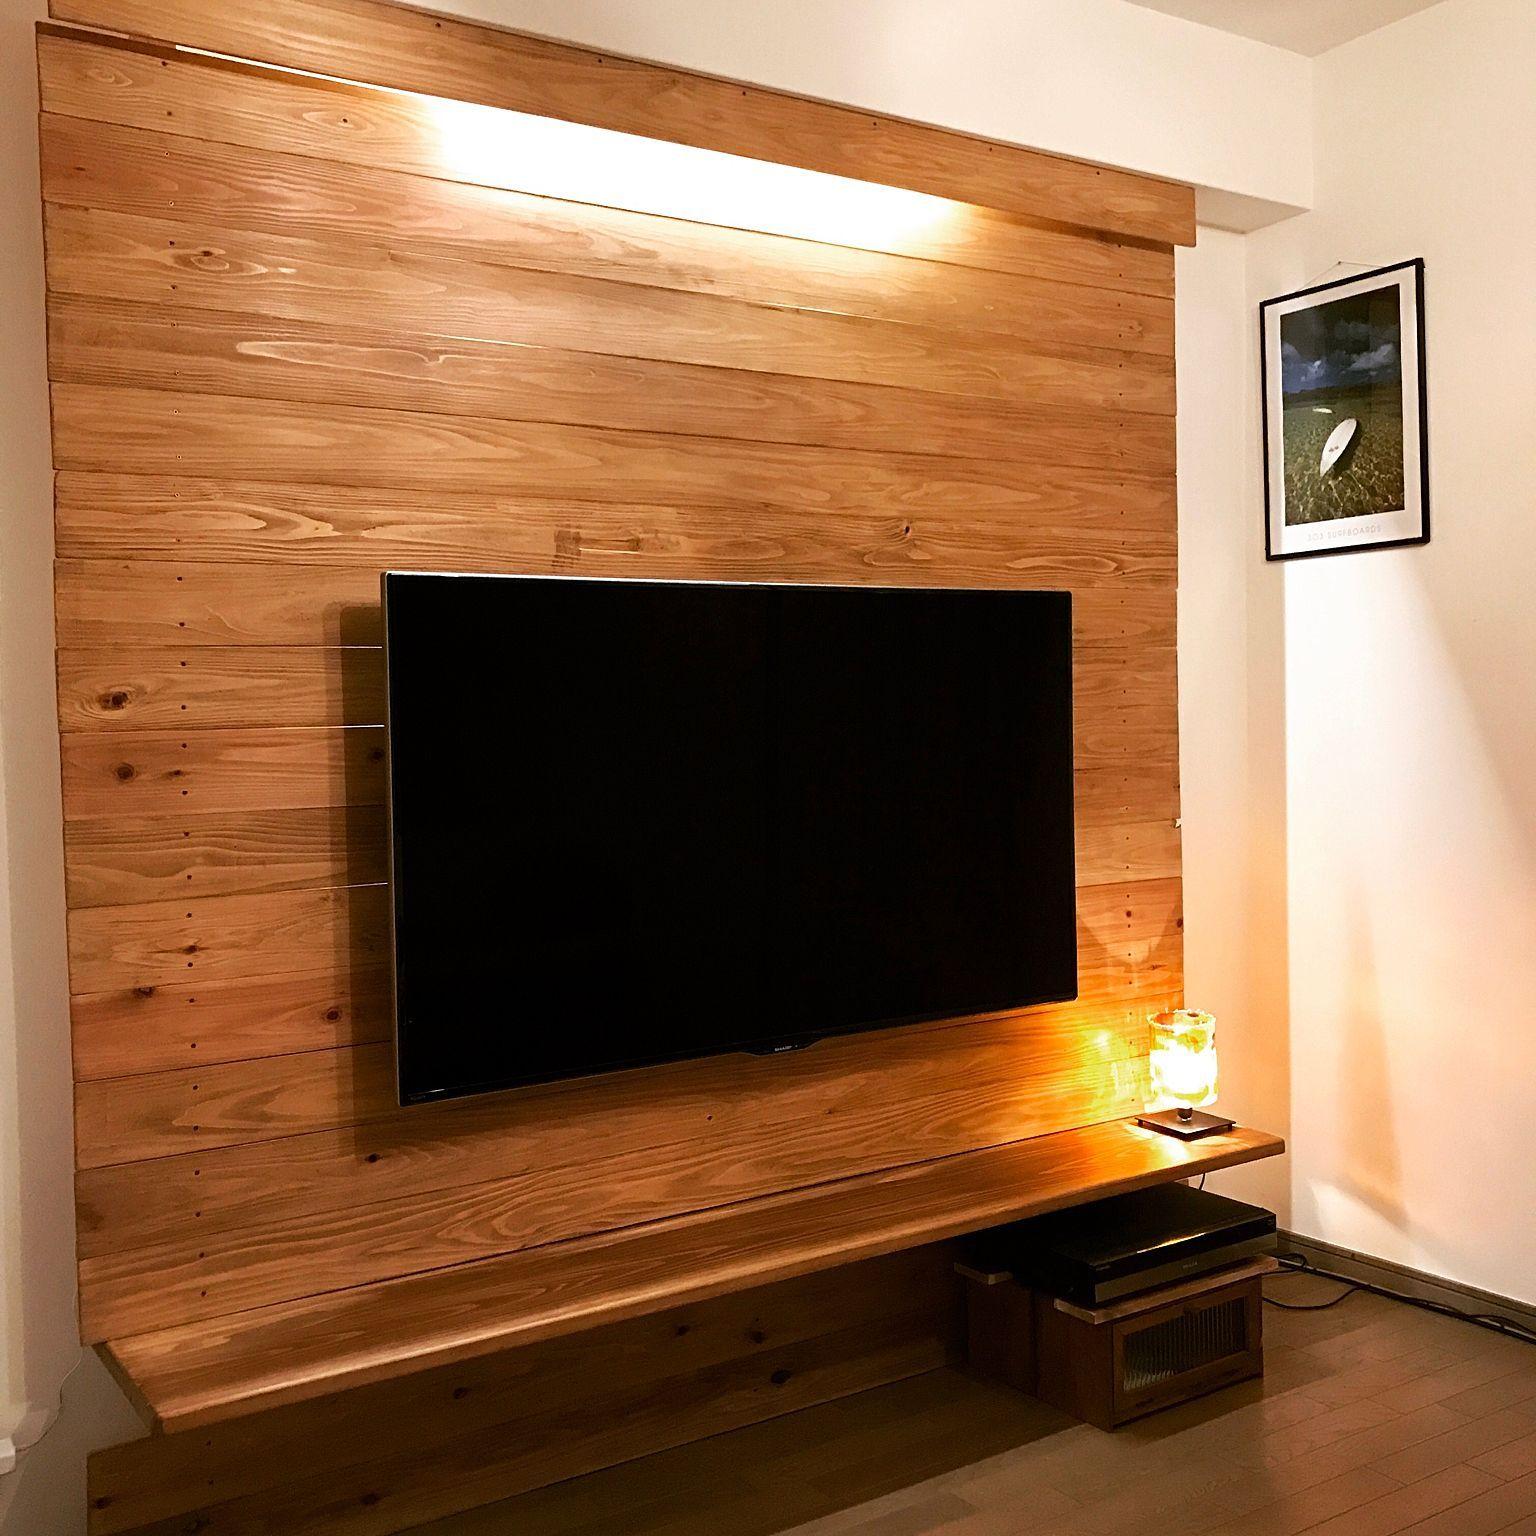 リビング Diy コーナン テレビ壁掛け Woodwork テレビ壁掛け などの